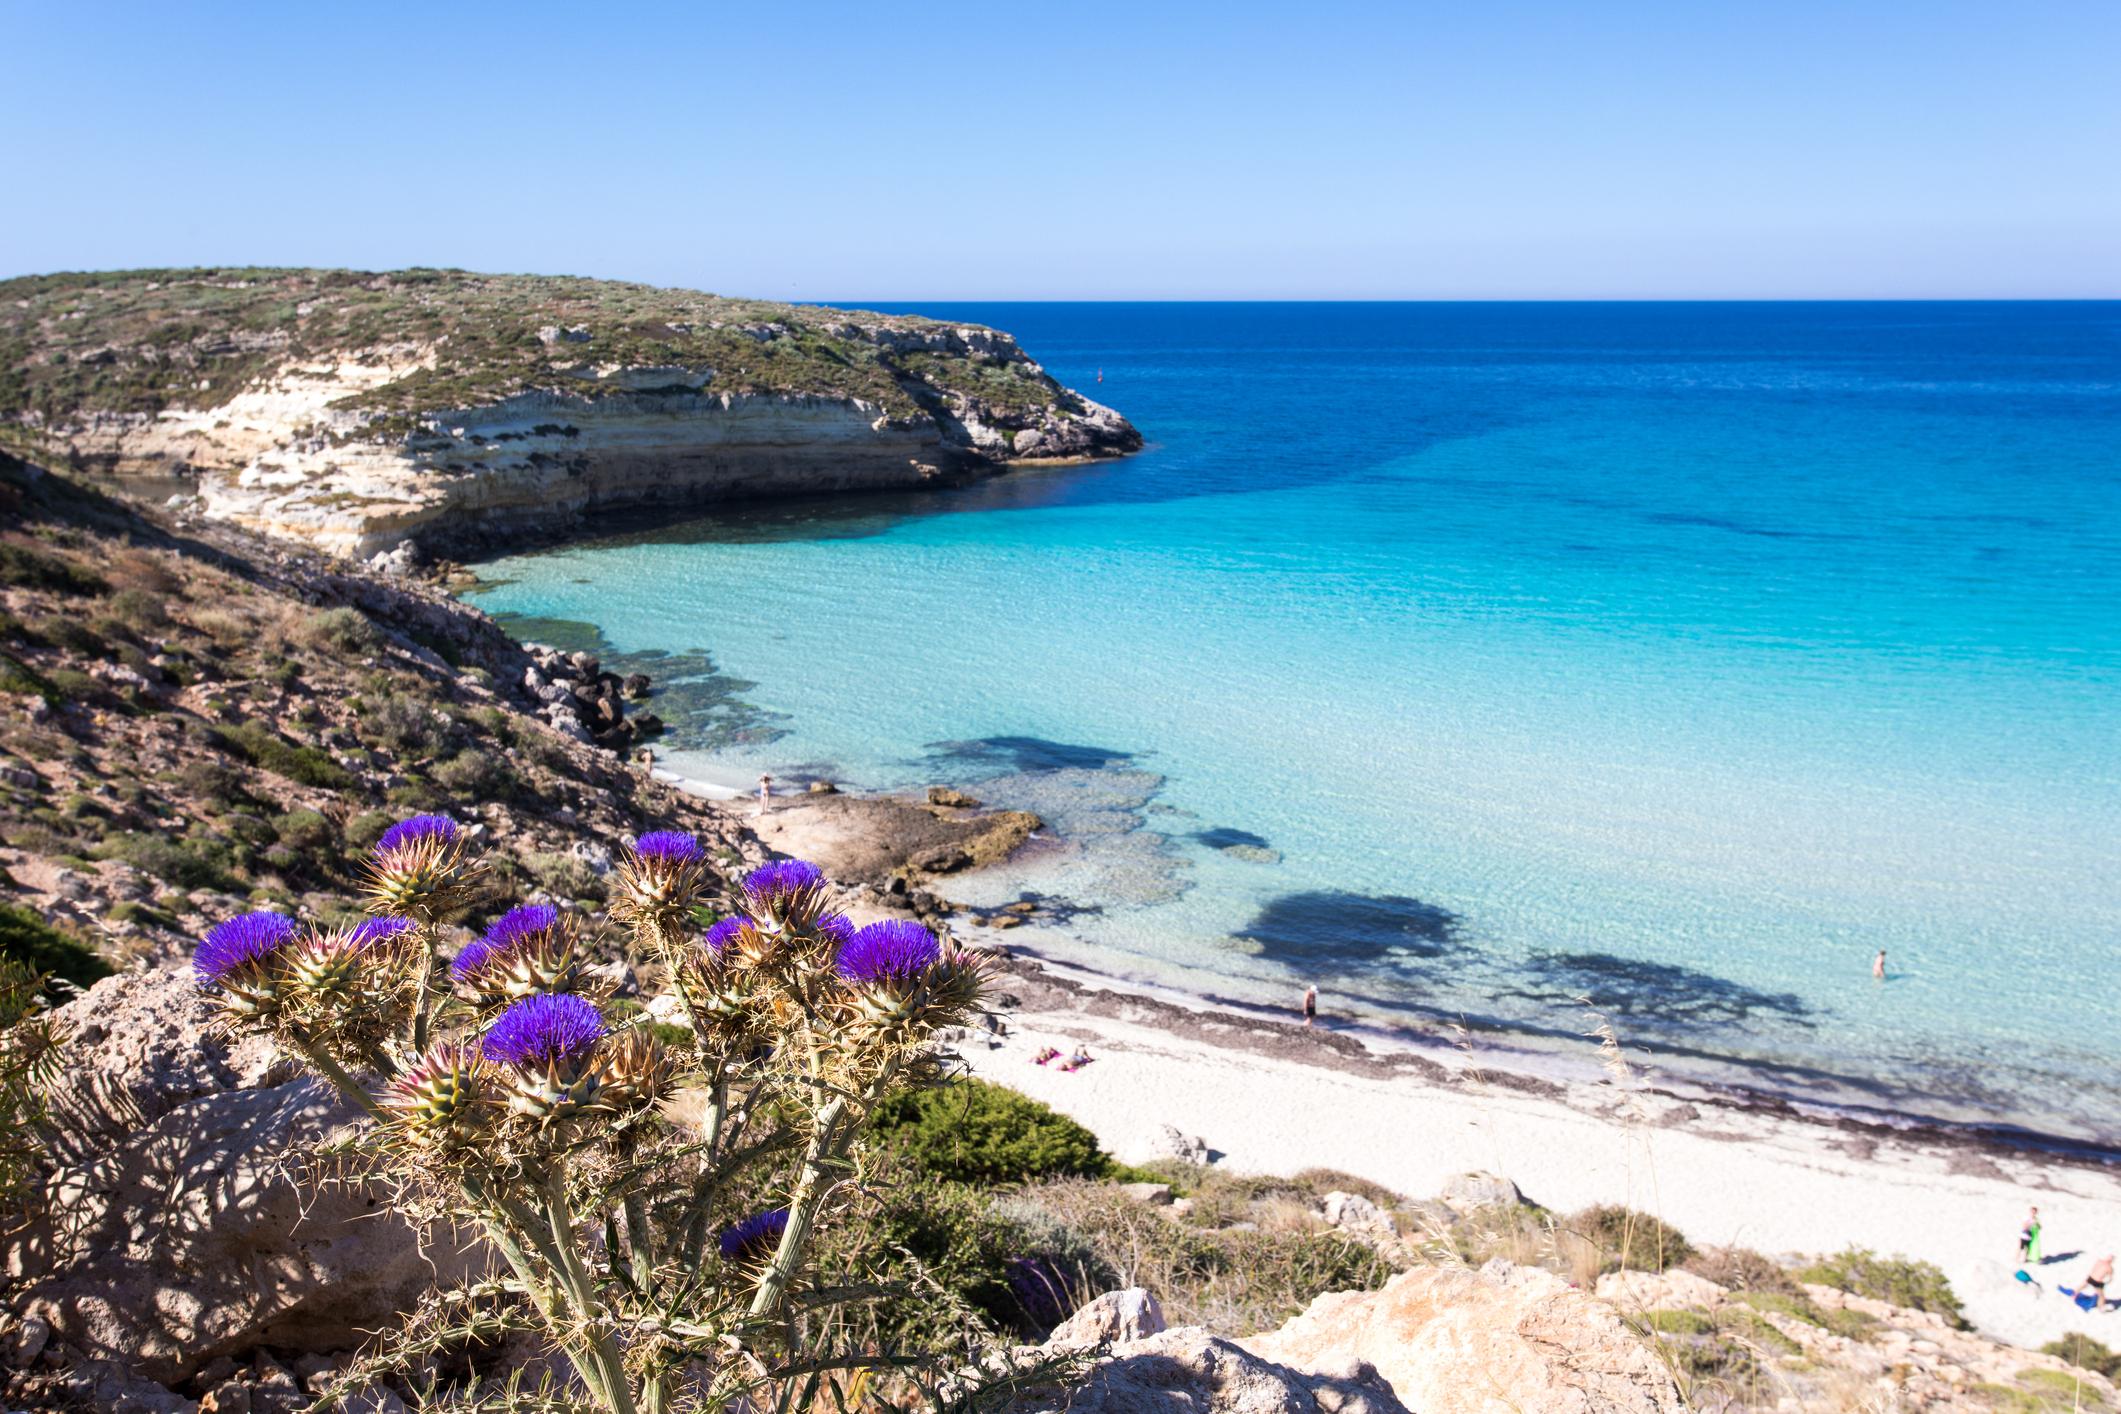 Der schönste Strand Europas ist der Spiaggia dei Conigli auf der Insel Lampedusa in Italien.